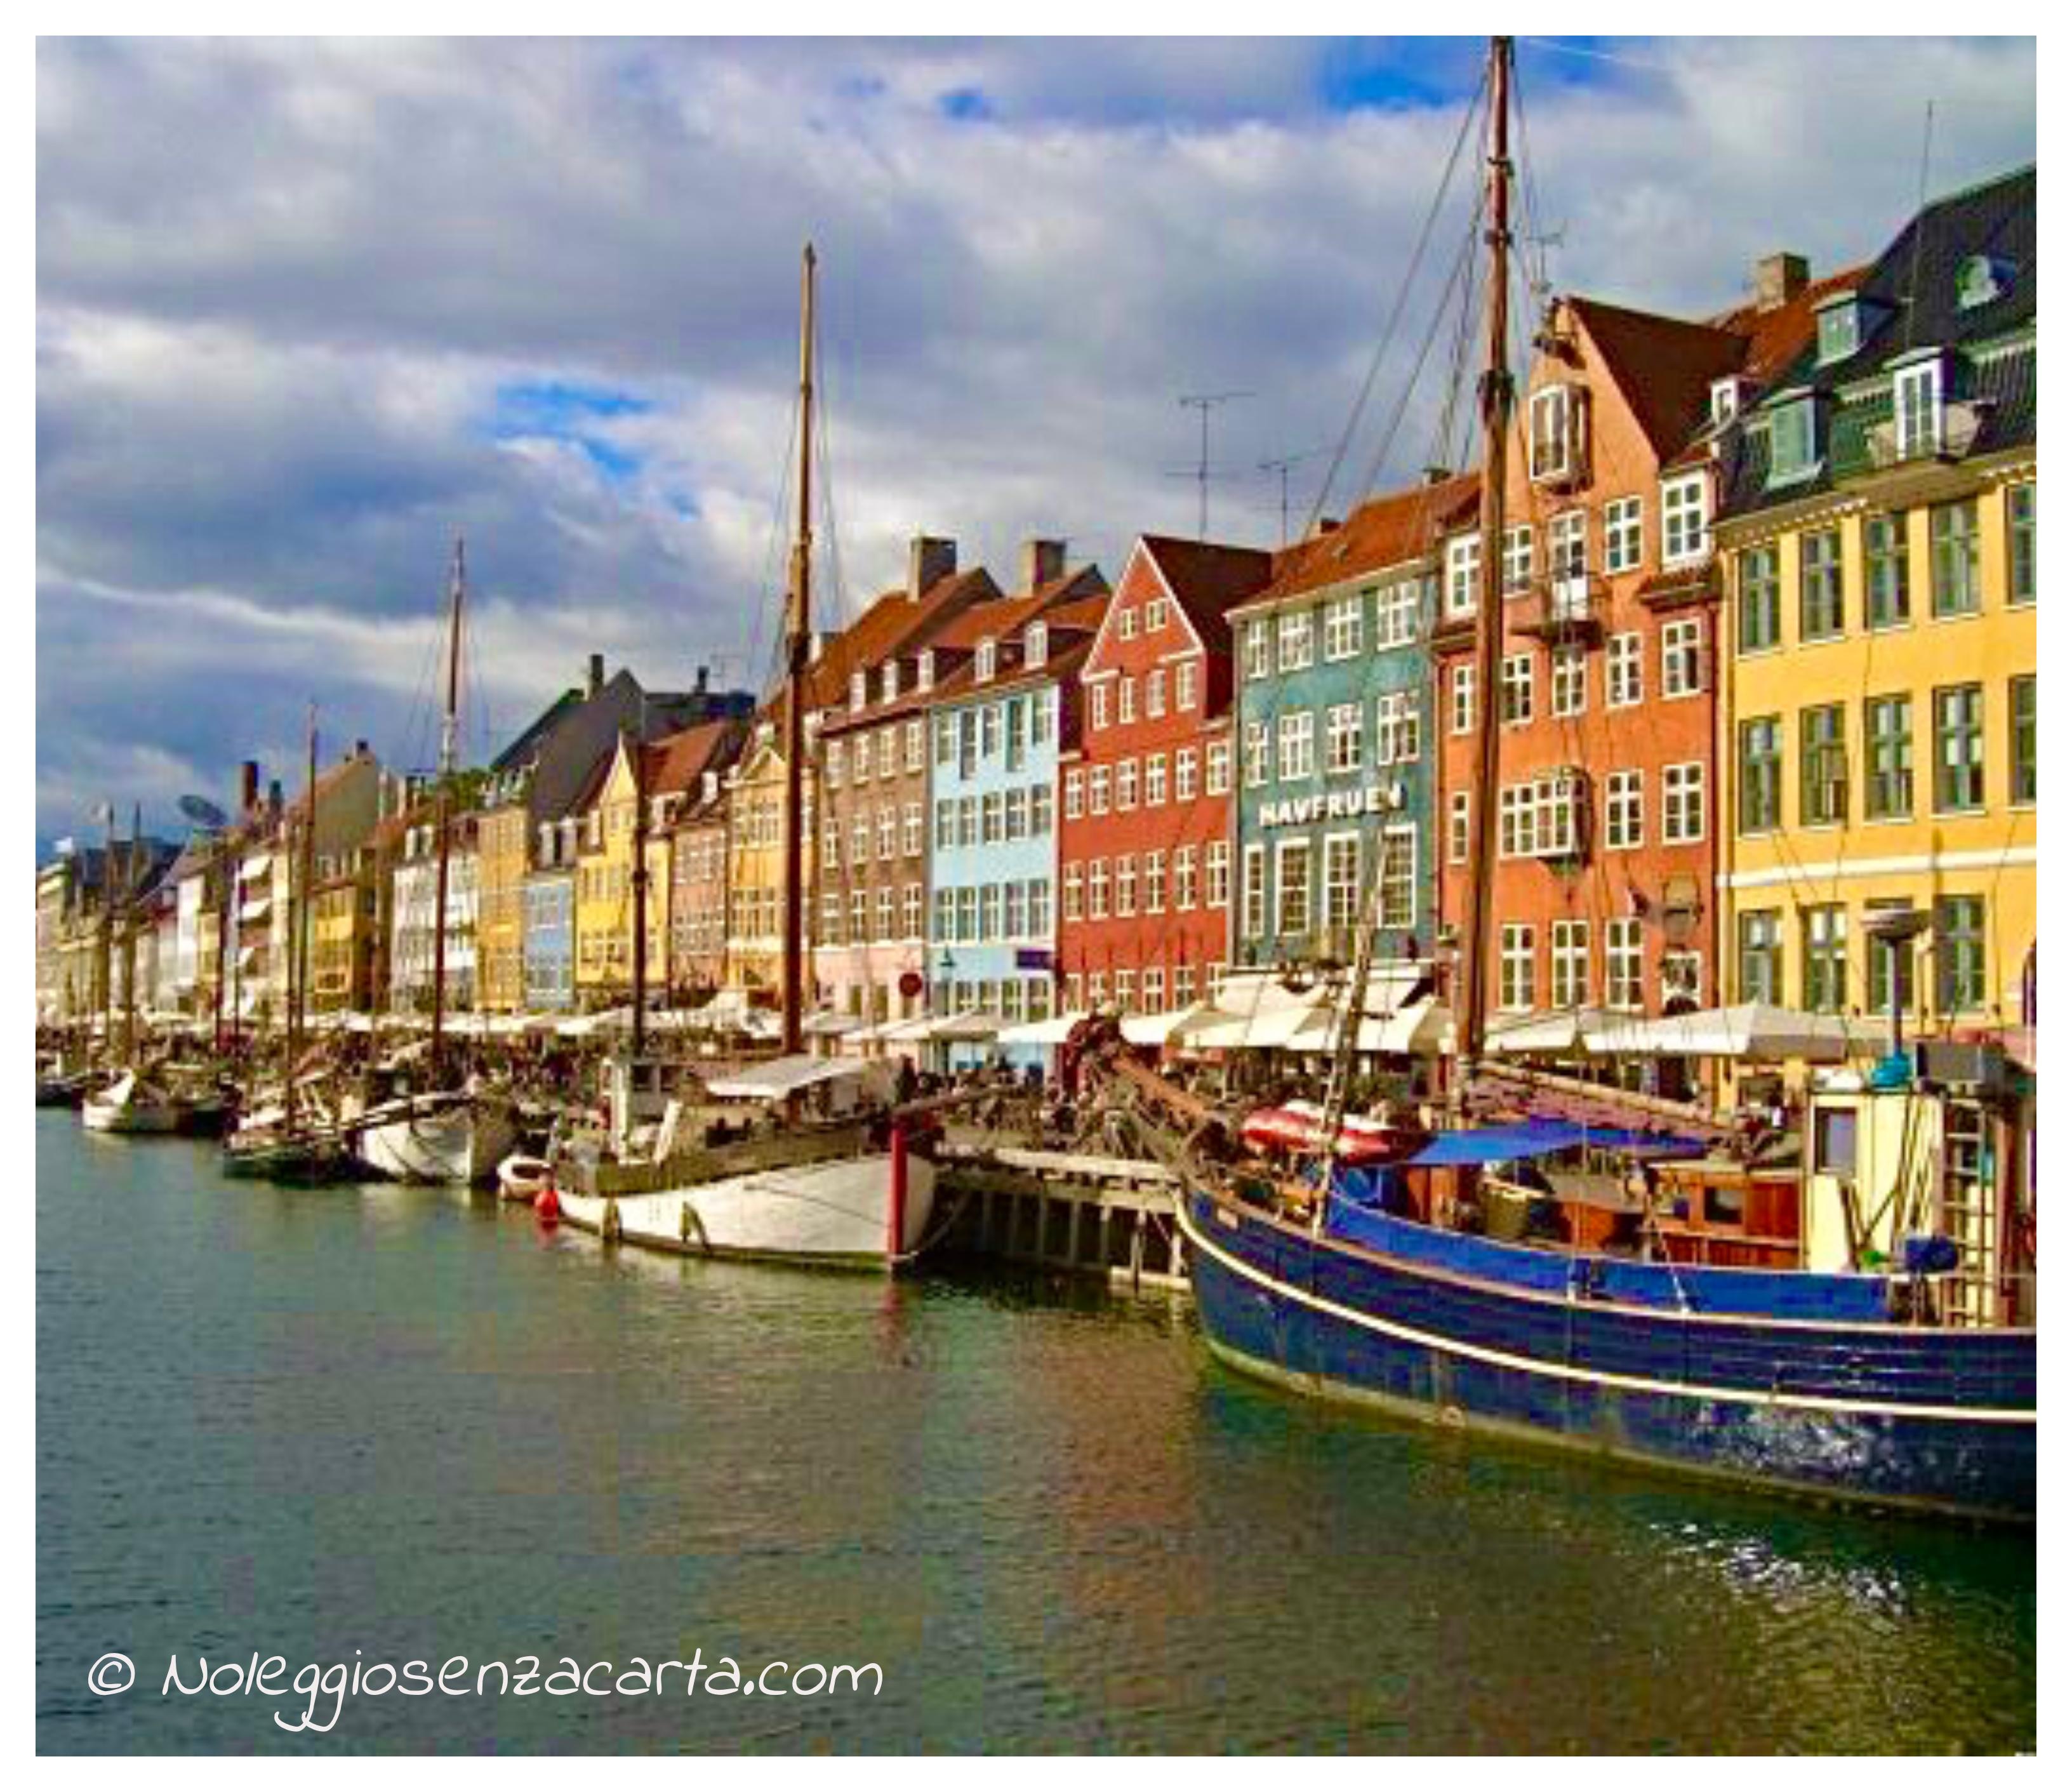 Noleggiare auto senza carta di credito a Copenaghen – Danimarca